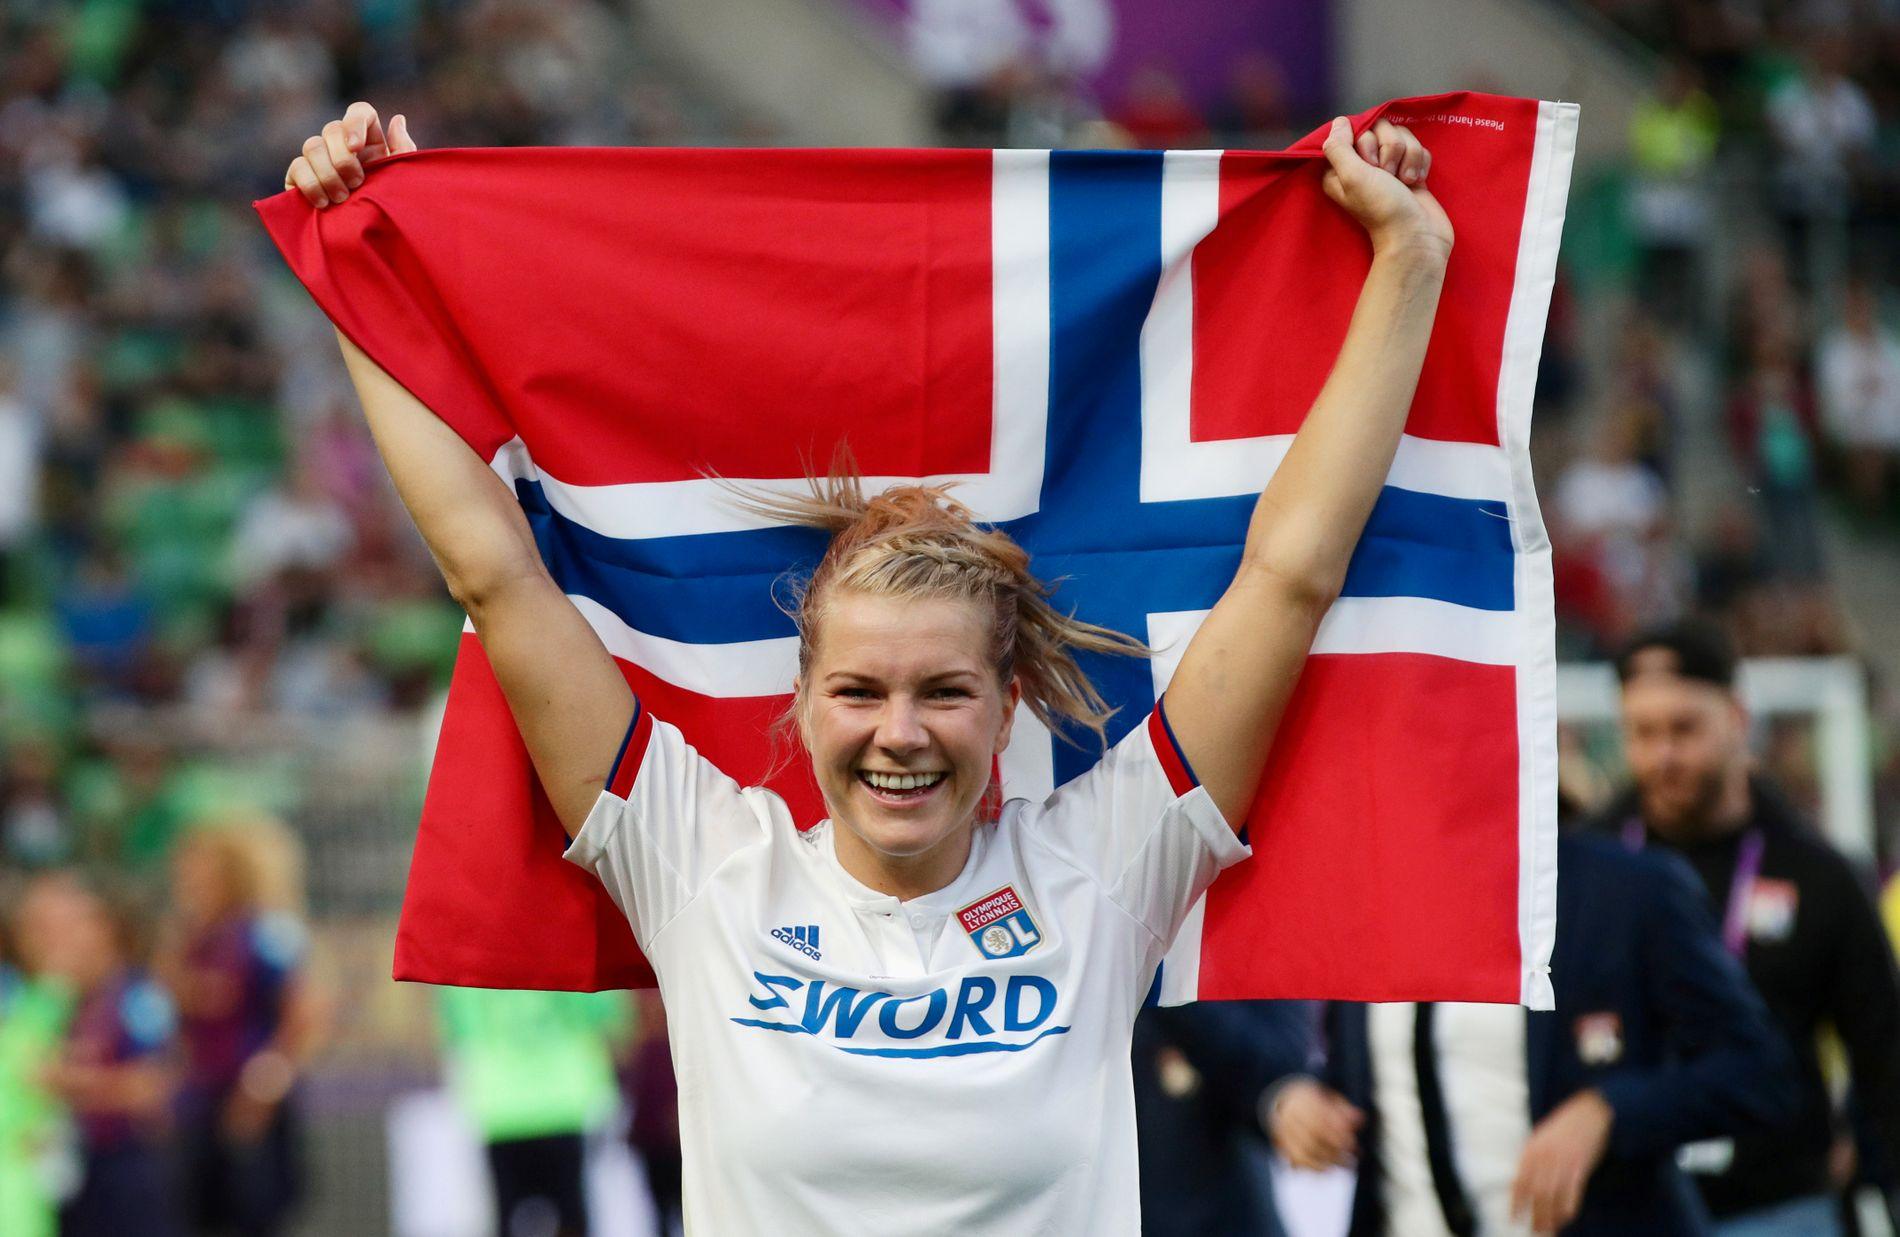 TRE PÅ RAD: Ada Hegerberg scoret hat trick i Champions League-finalen. Siden begrunnet hun sitt nei til Norge med blant annet at hun ble «psykisk knekt» av landslagsspill.